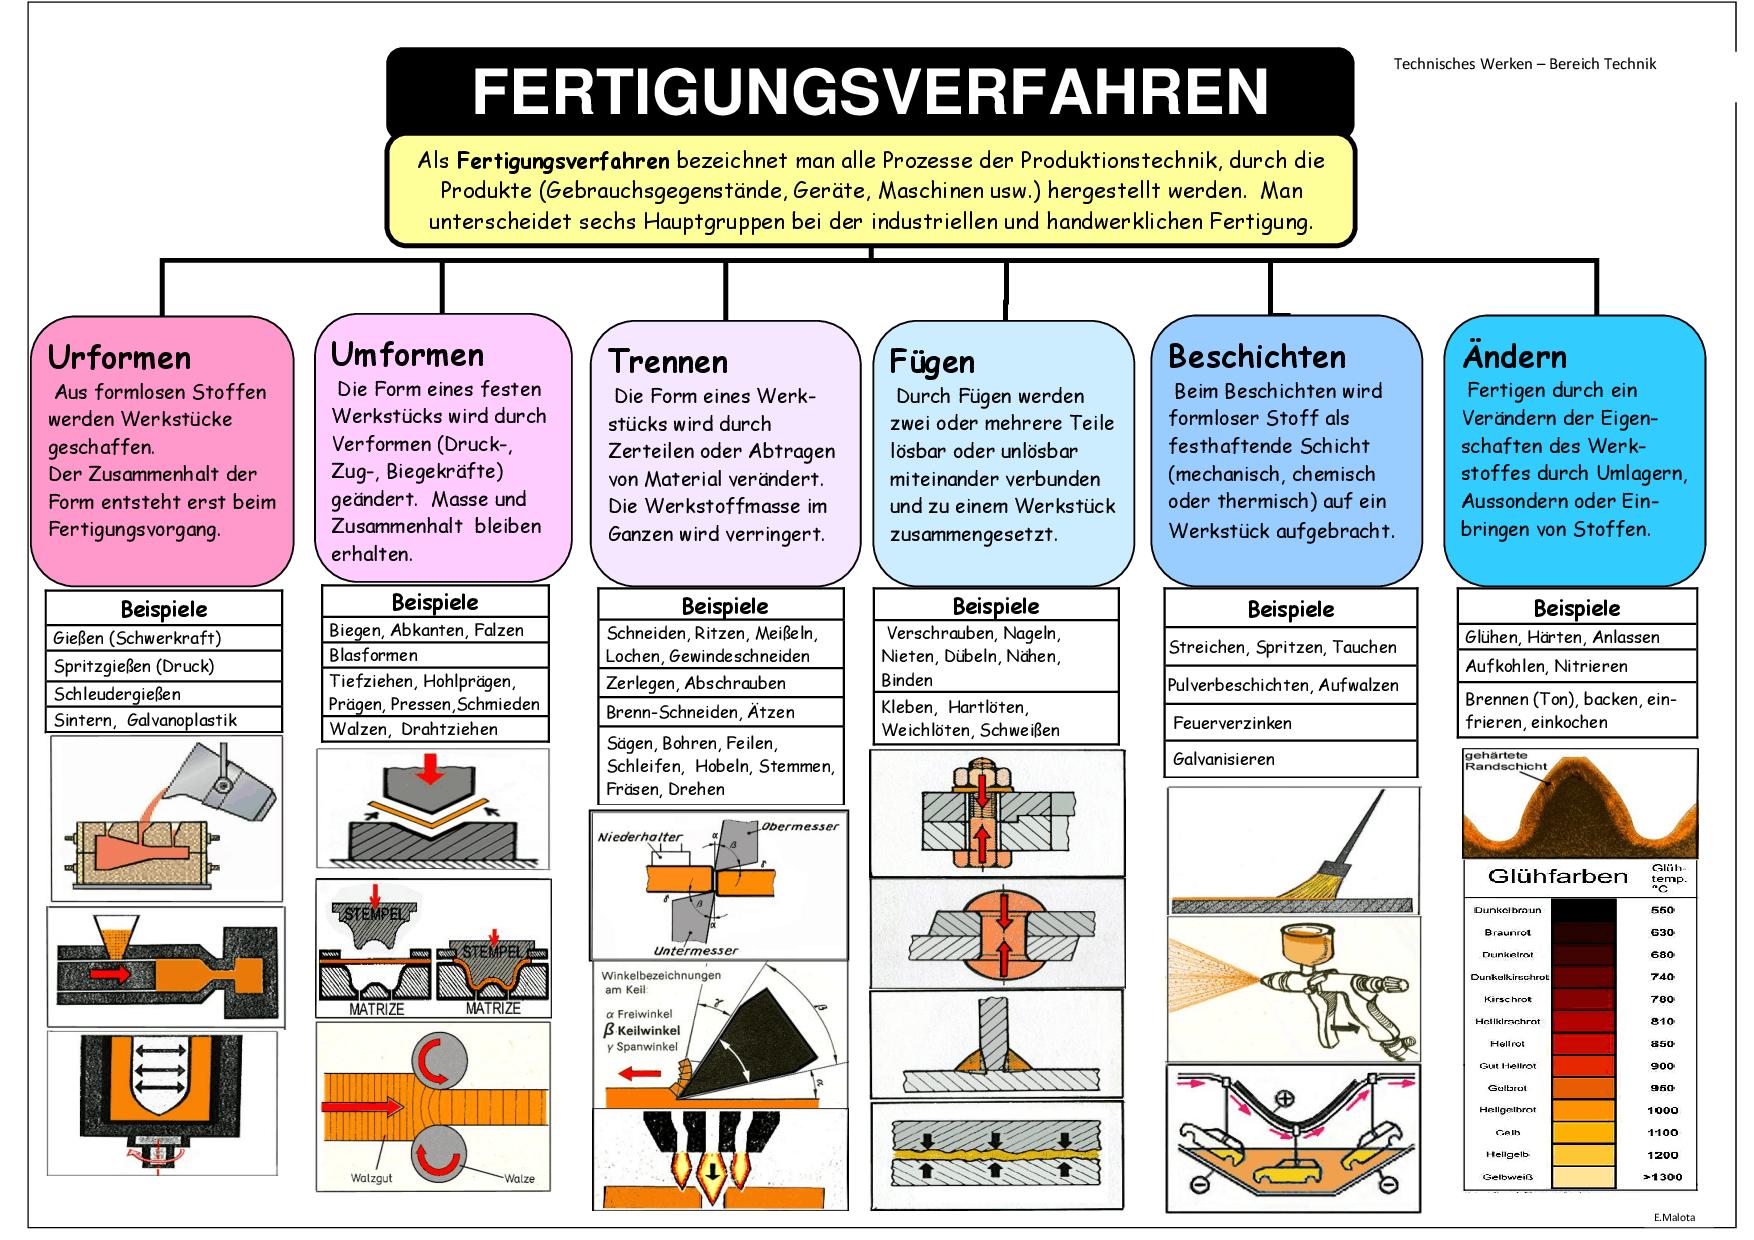 FOM - 11.3 Fertigungsprozesse (Halbig)